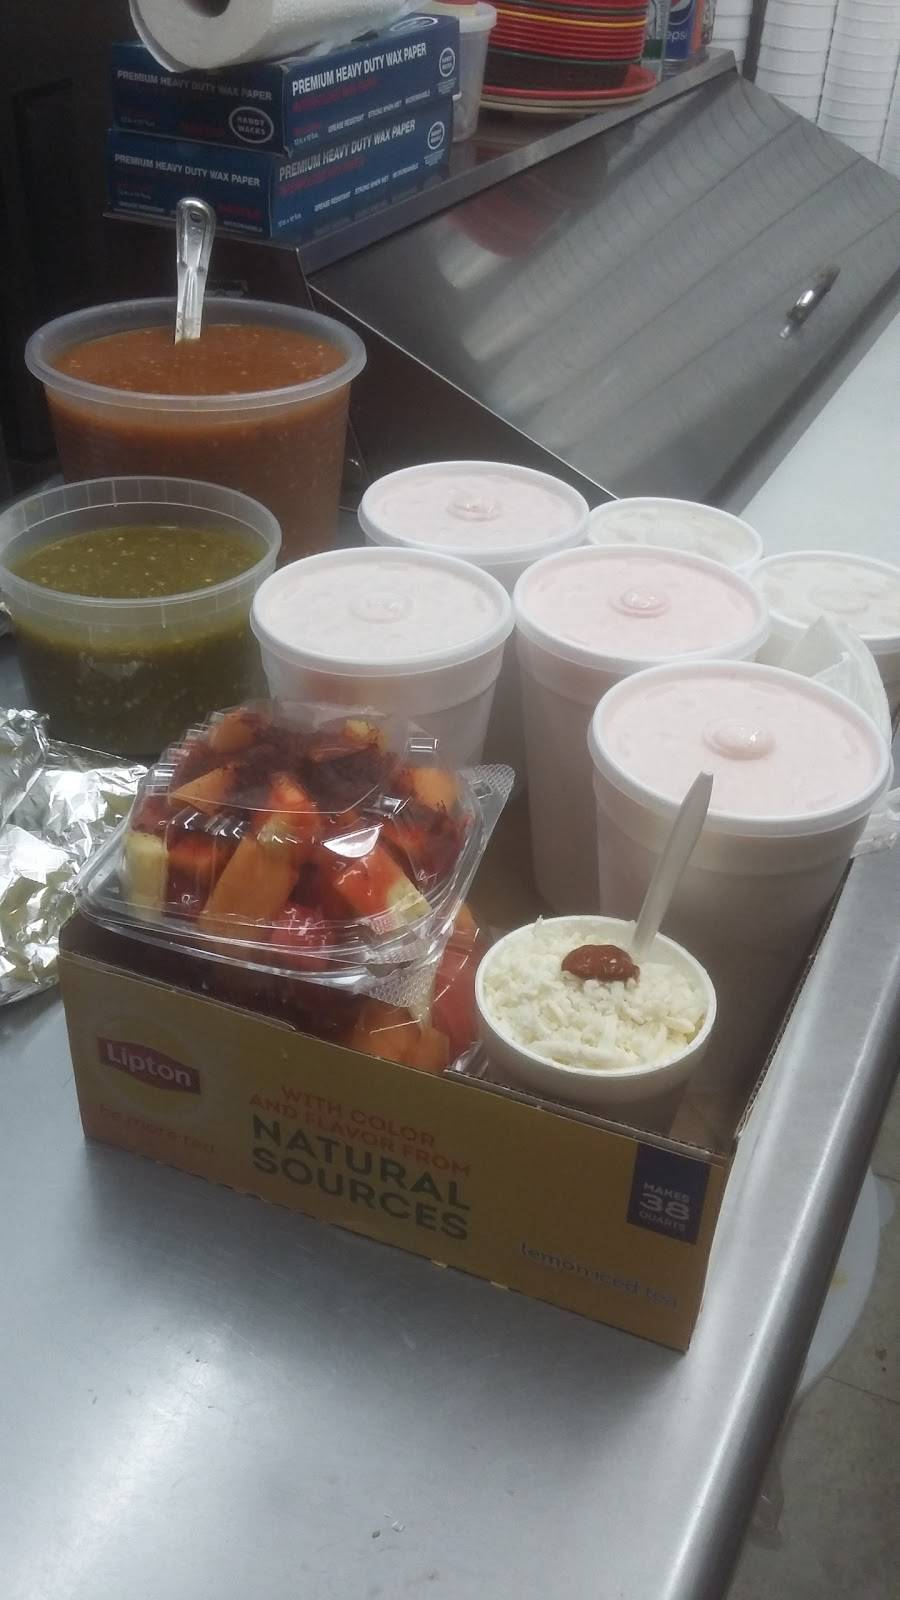 Mi Pueblito Refresqueria   restaurant   4008 Telephone Rd, Houston, TX 77087, USA   7136439292 OR +1 713-643-9292